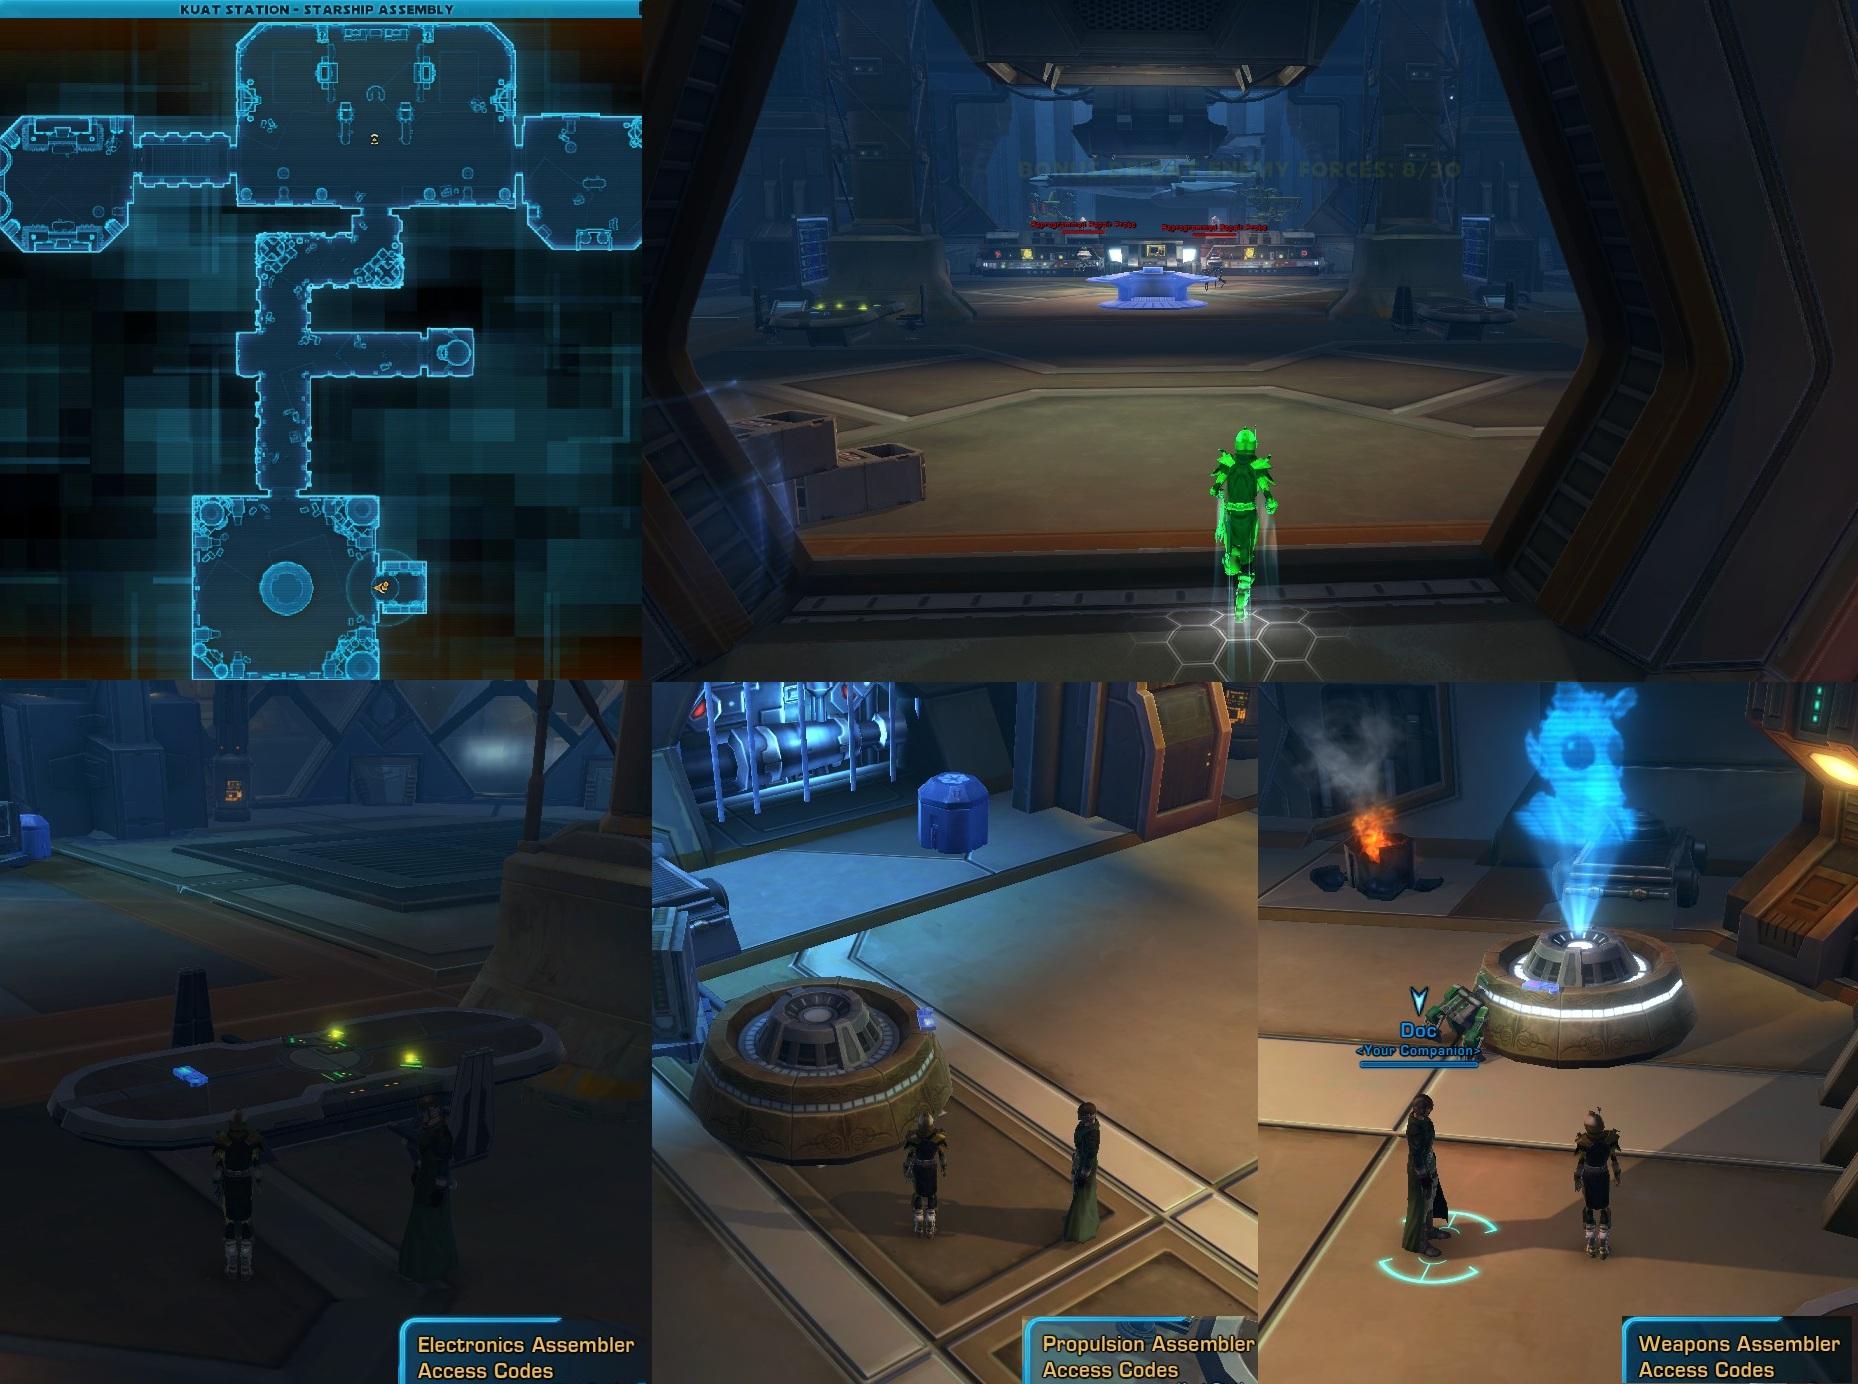 Swtor Starship Assembly Scenario